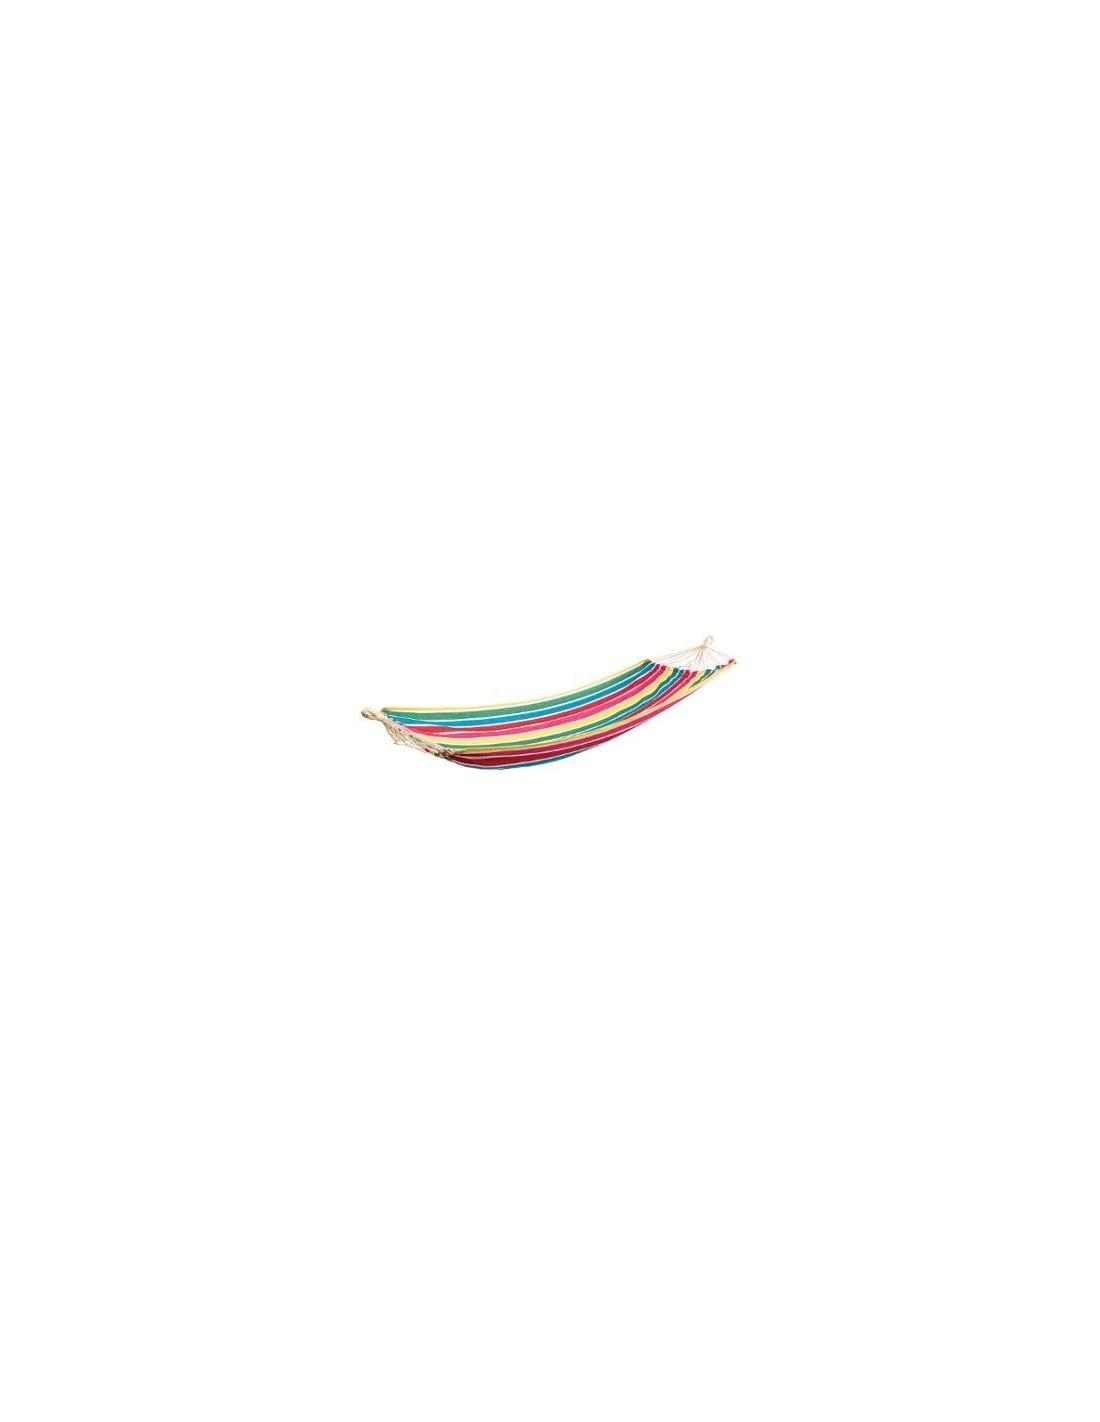 Hamac P Cm 200 Choix L Au Coloris Yaqui 80 Hespéride X IWH9ED2Y